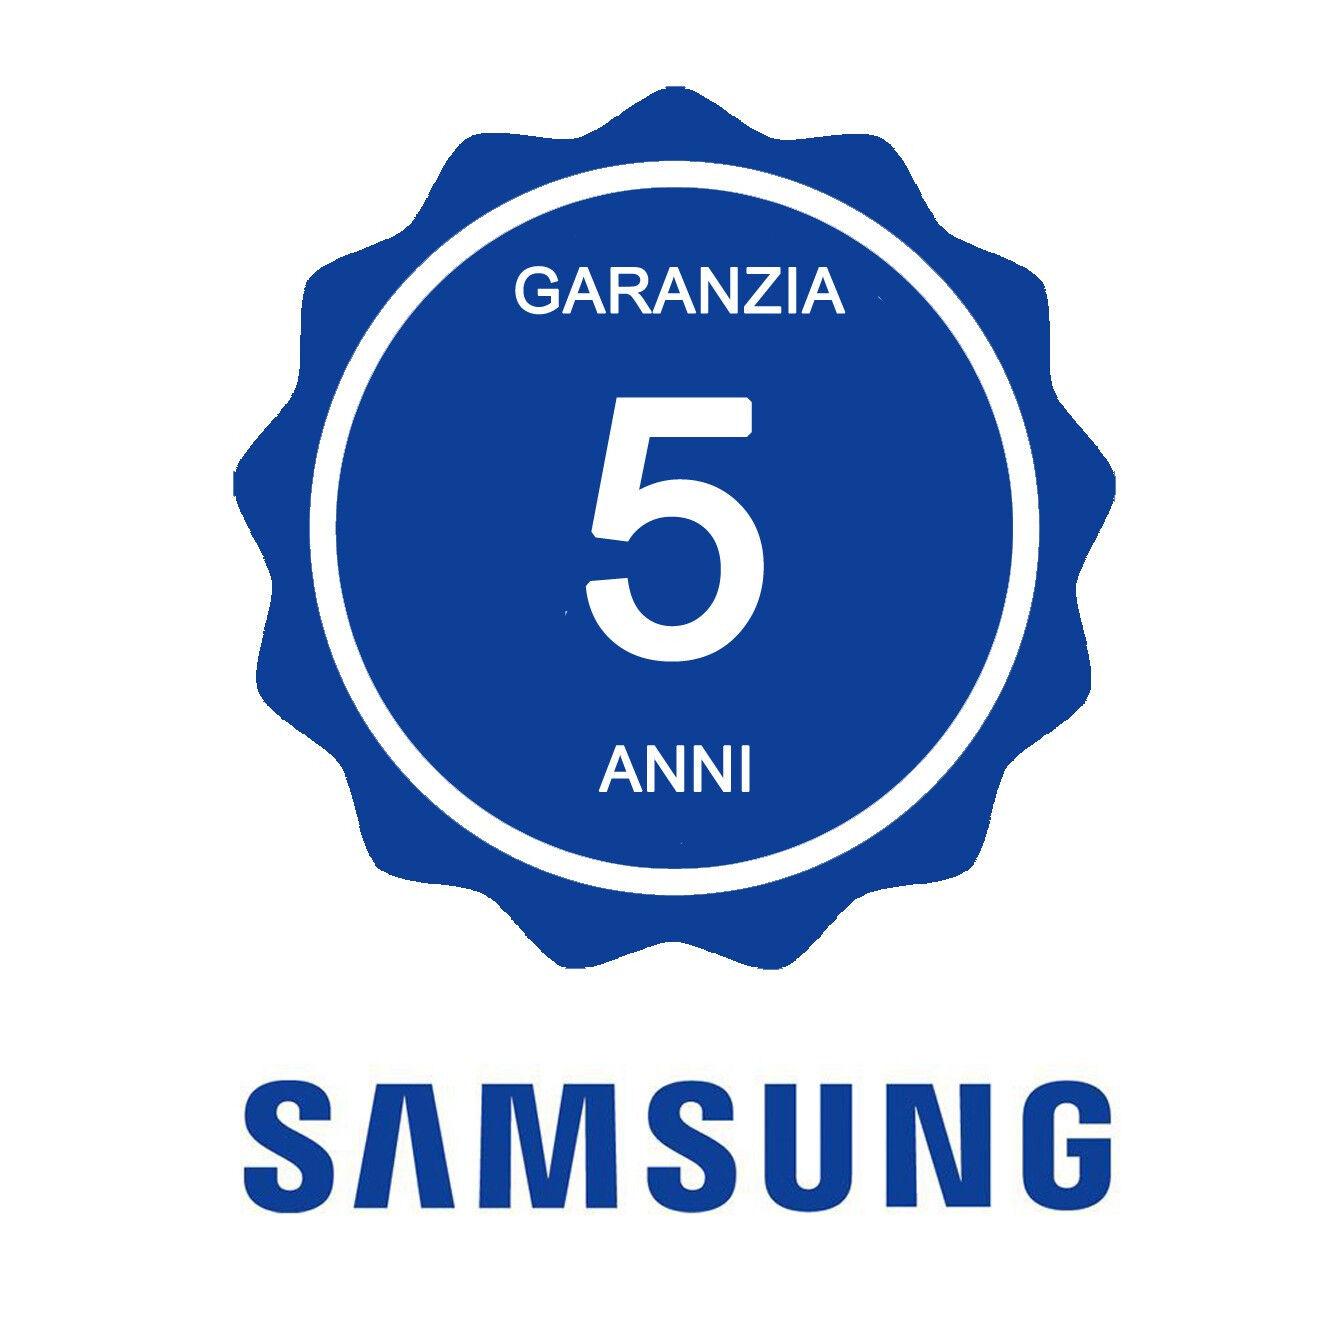 Samsung Estensione Garanzia 5 Anni Per Unita' Esterne Monosplit